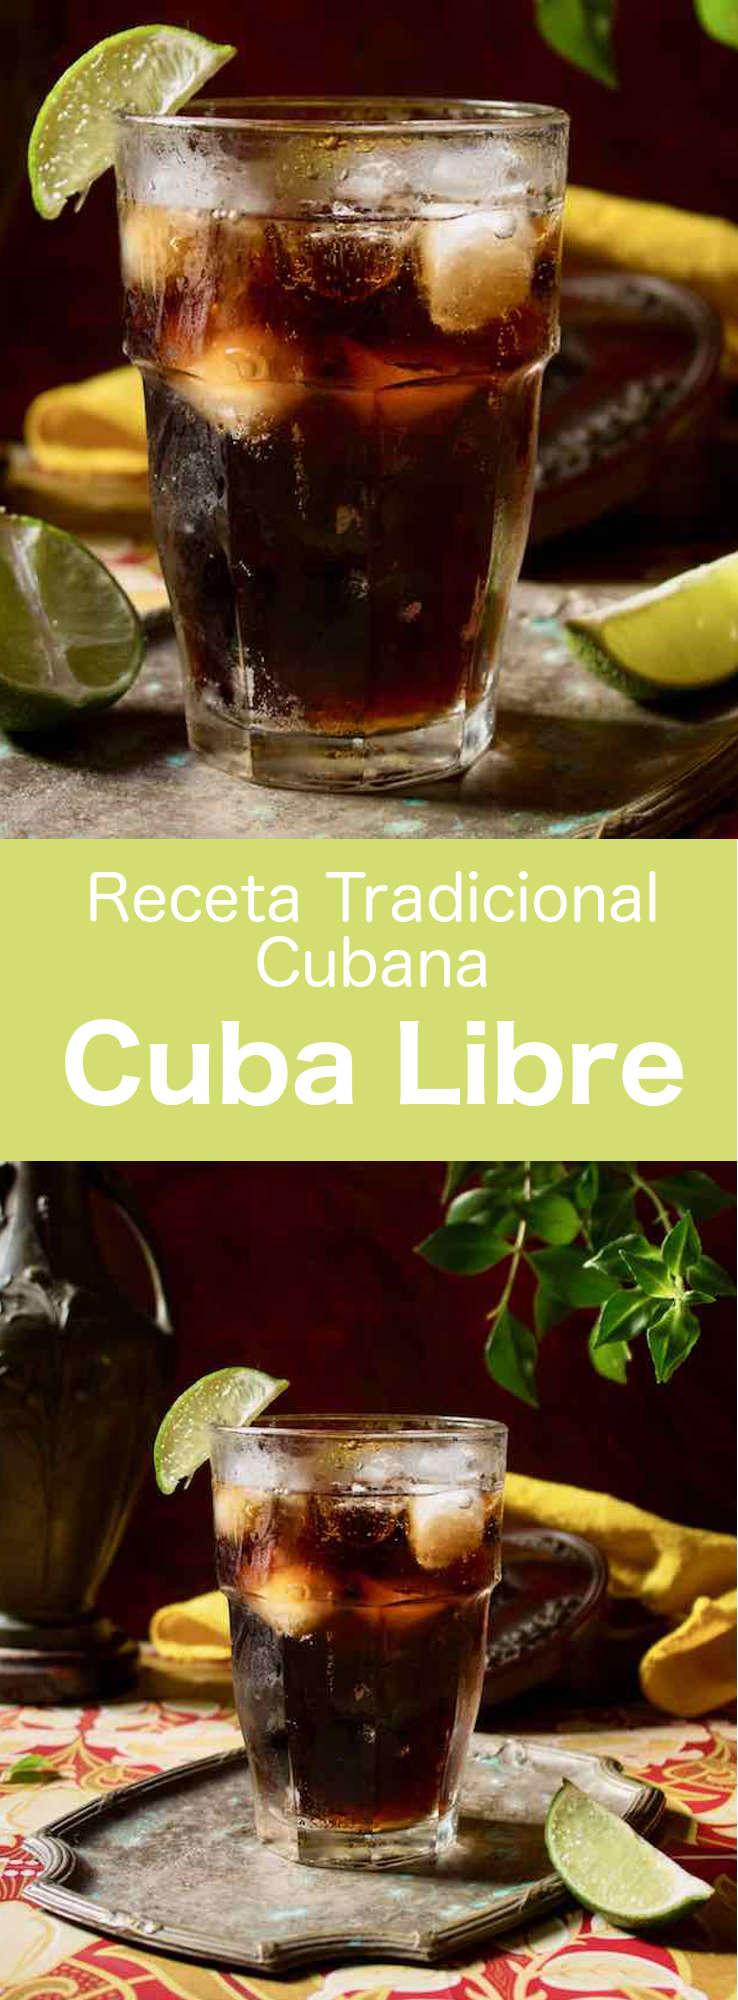 El Cuba Libre es un cóctel tradicional cubano fácil de preparar que contiene Coca Cola, ron blanco y lima, y que se sirve con hielo.